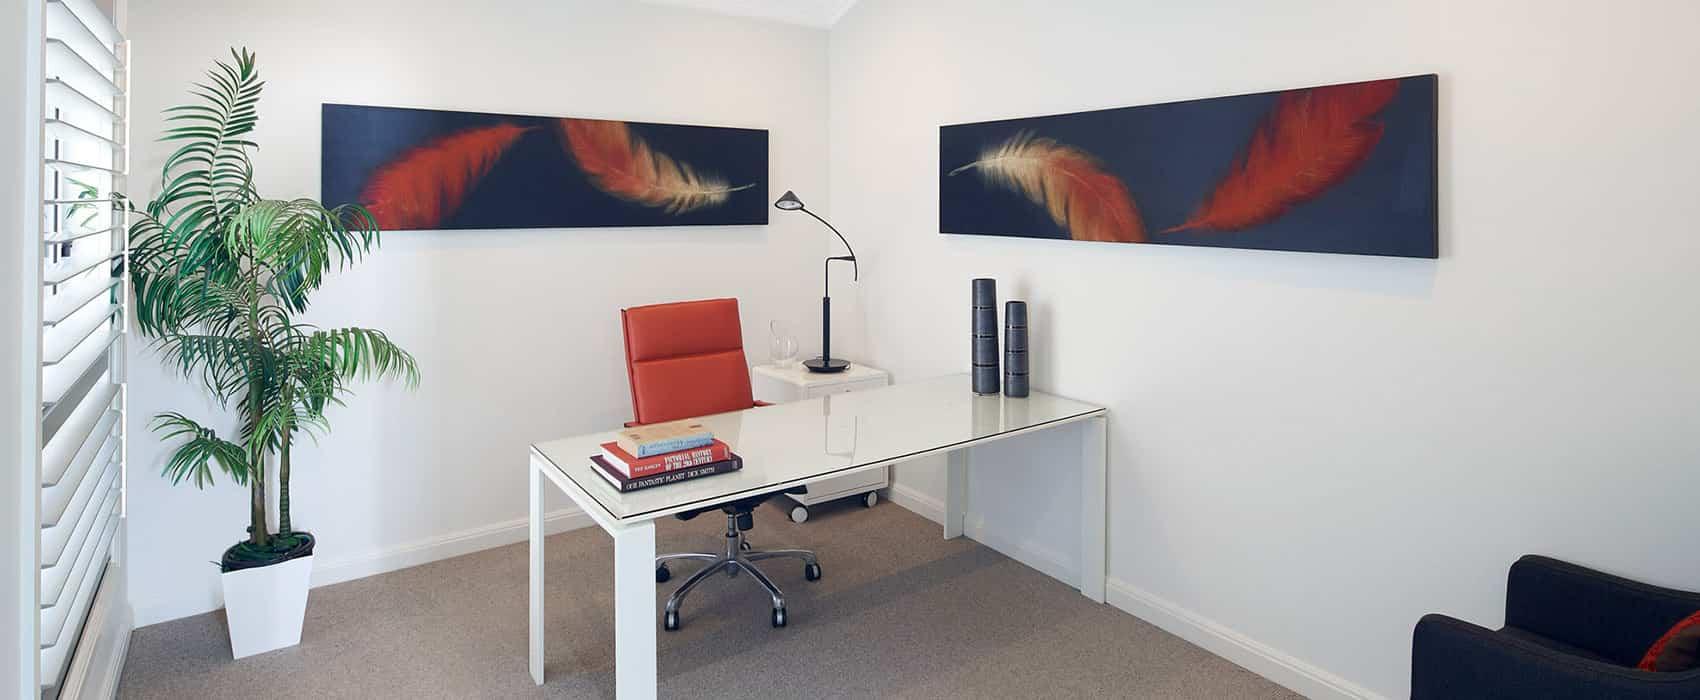 villina36_8 Interior